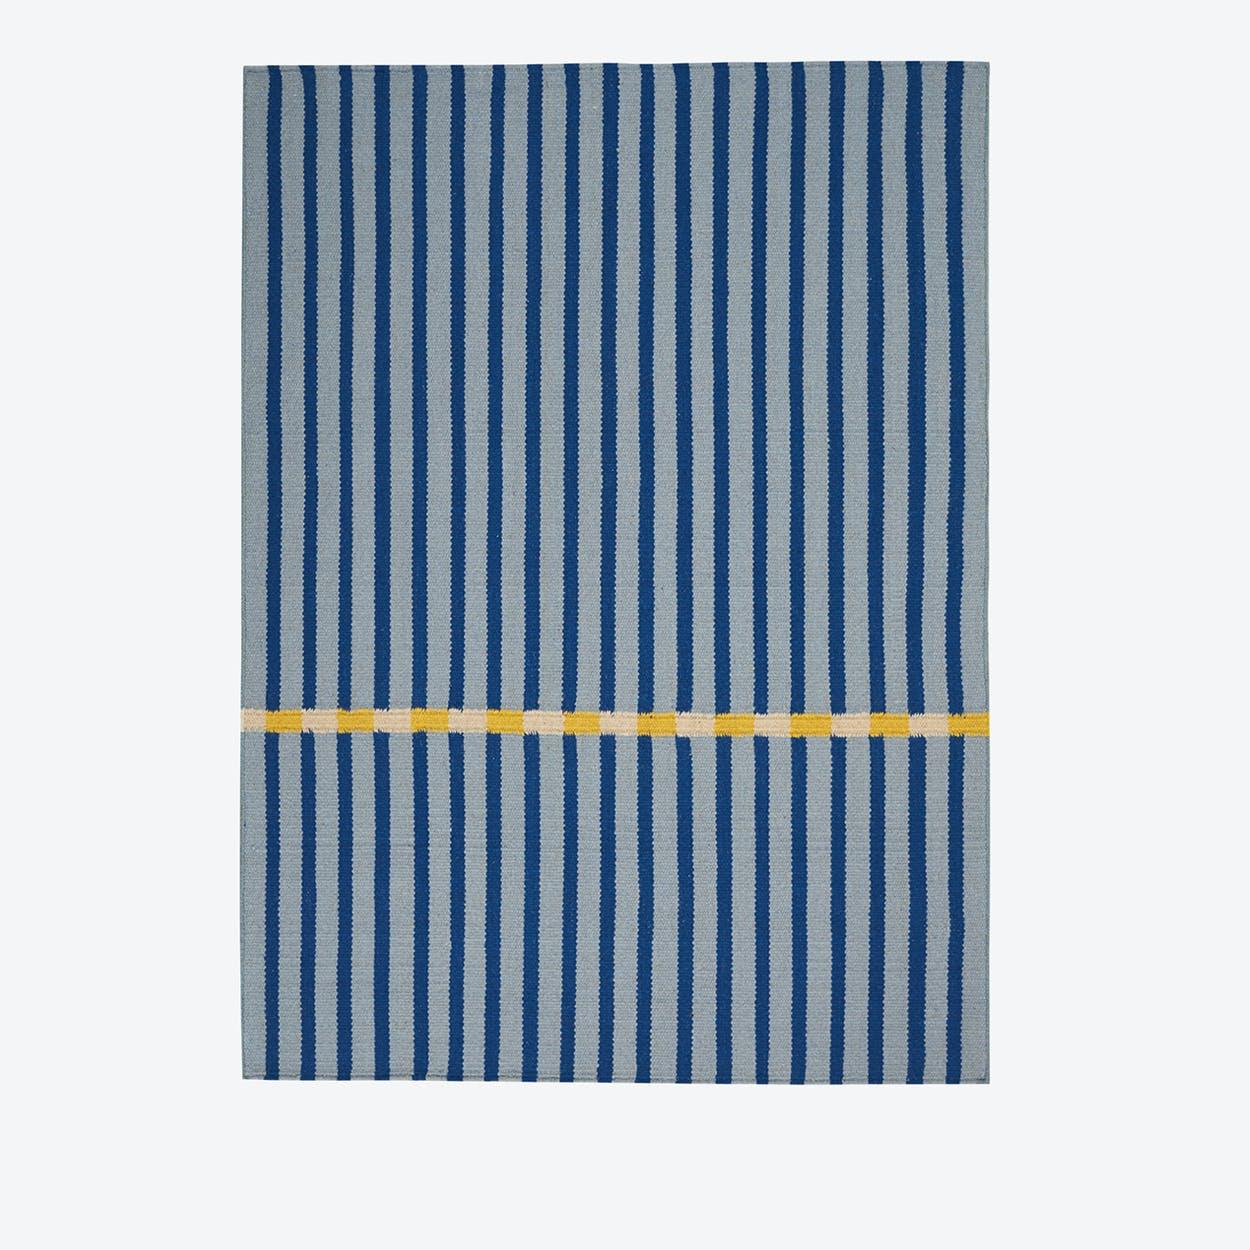 NASHVILLE Rug in Blue